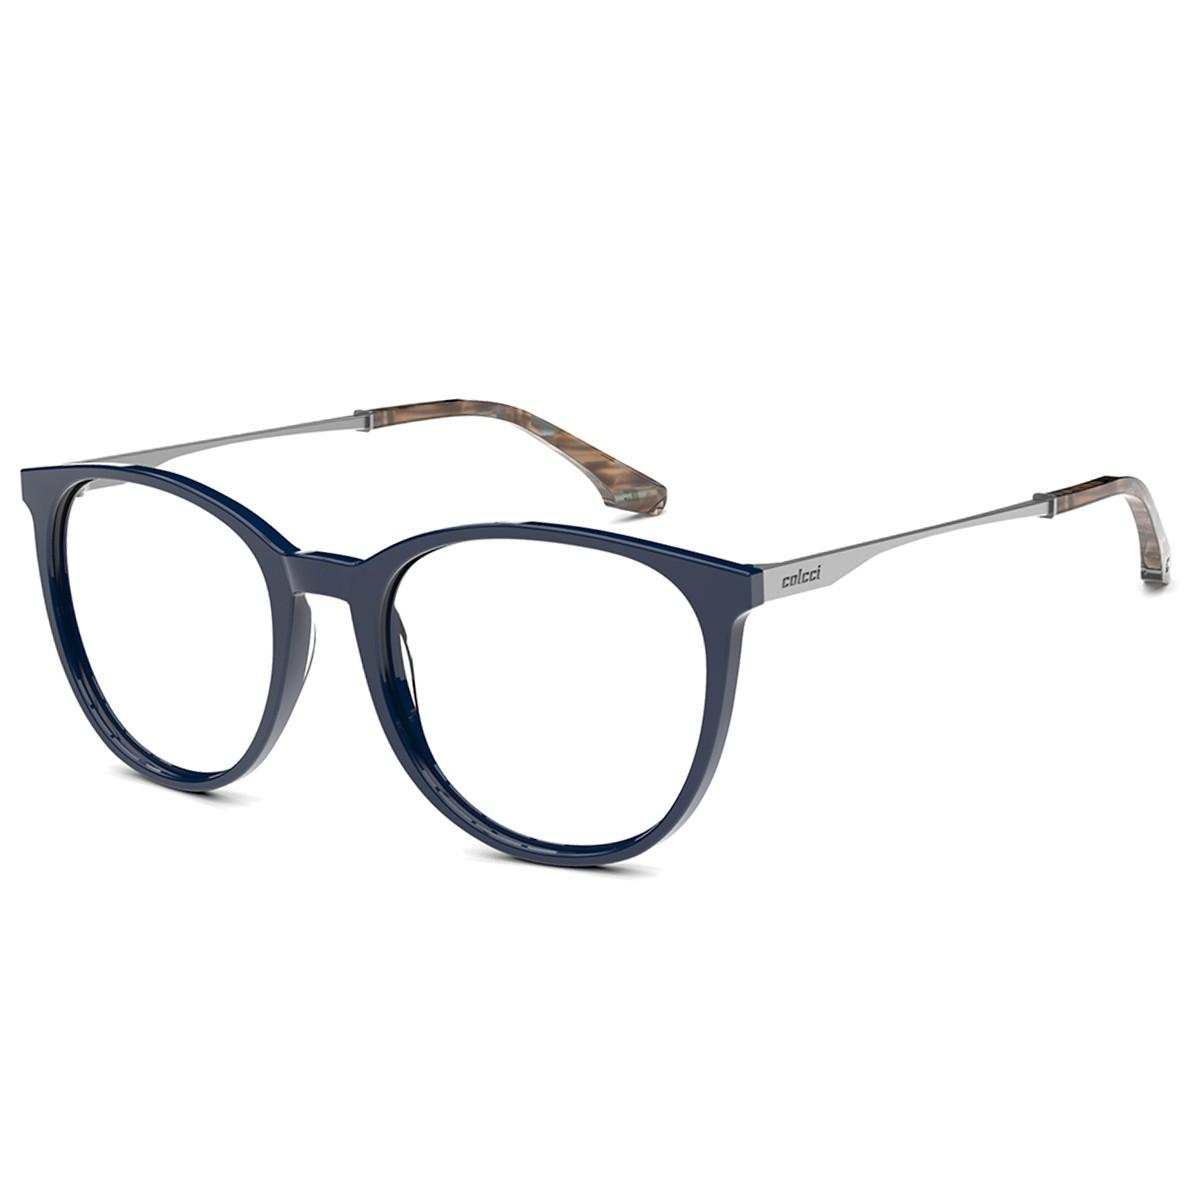 Óculos de Grau Feminino Colcci C6126 K15 Tam.54